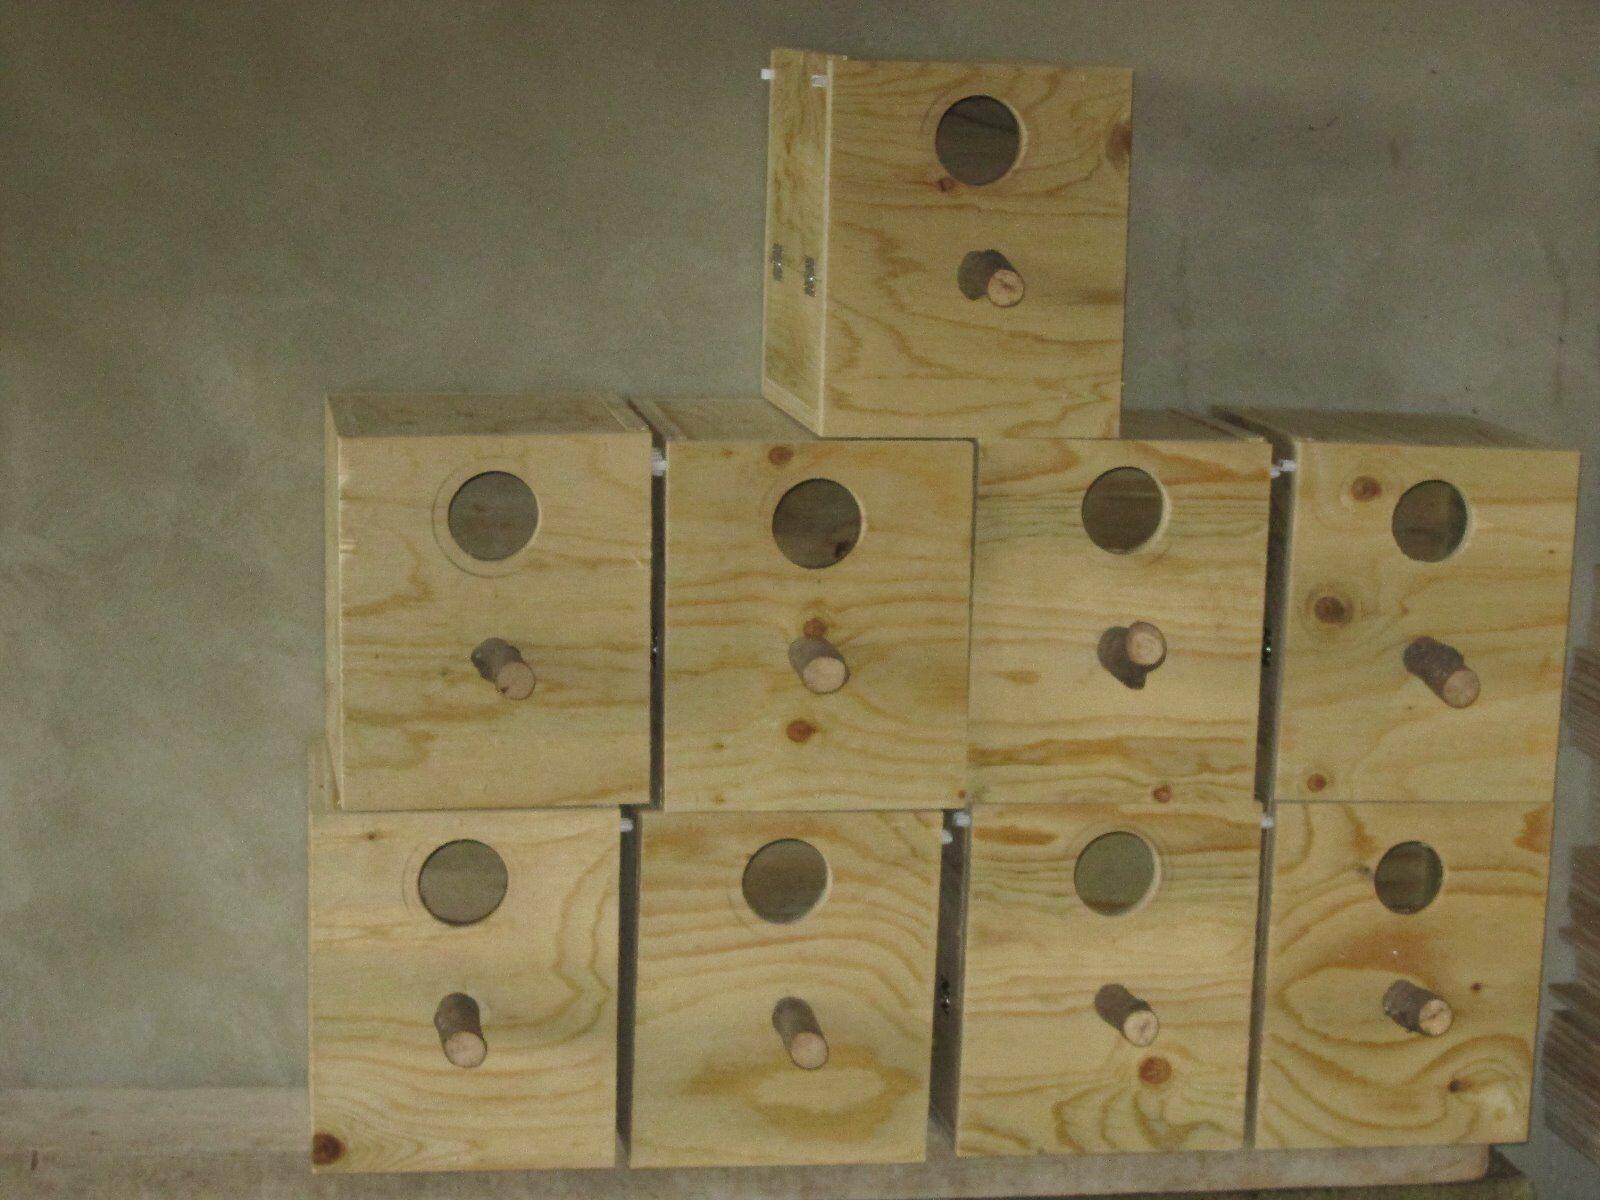 8 nids calopsite nichoir oiseaux